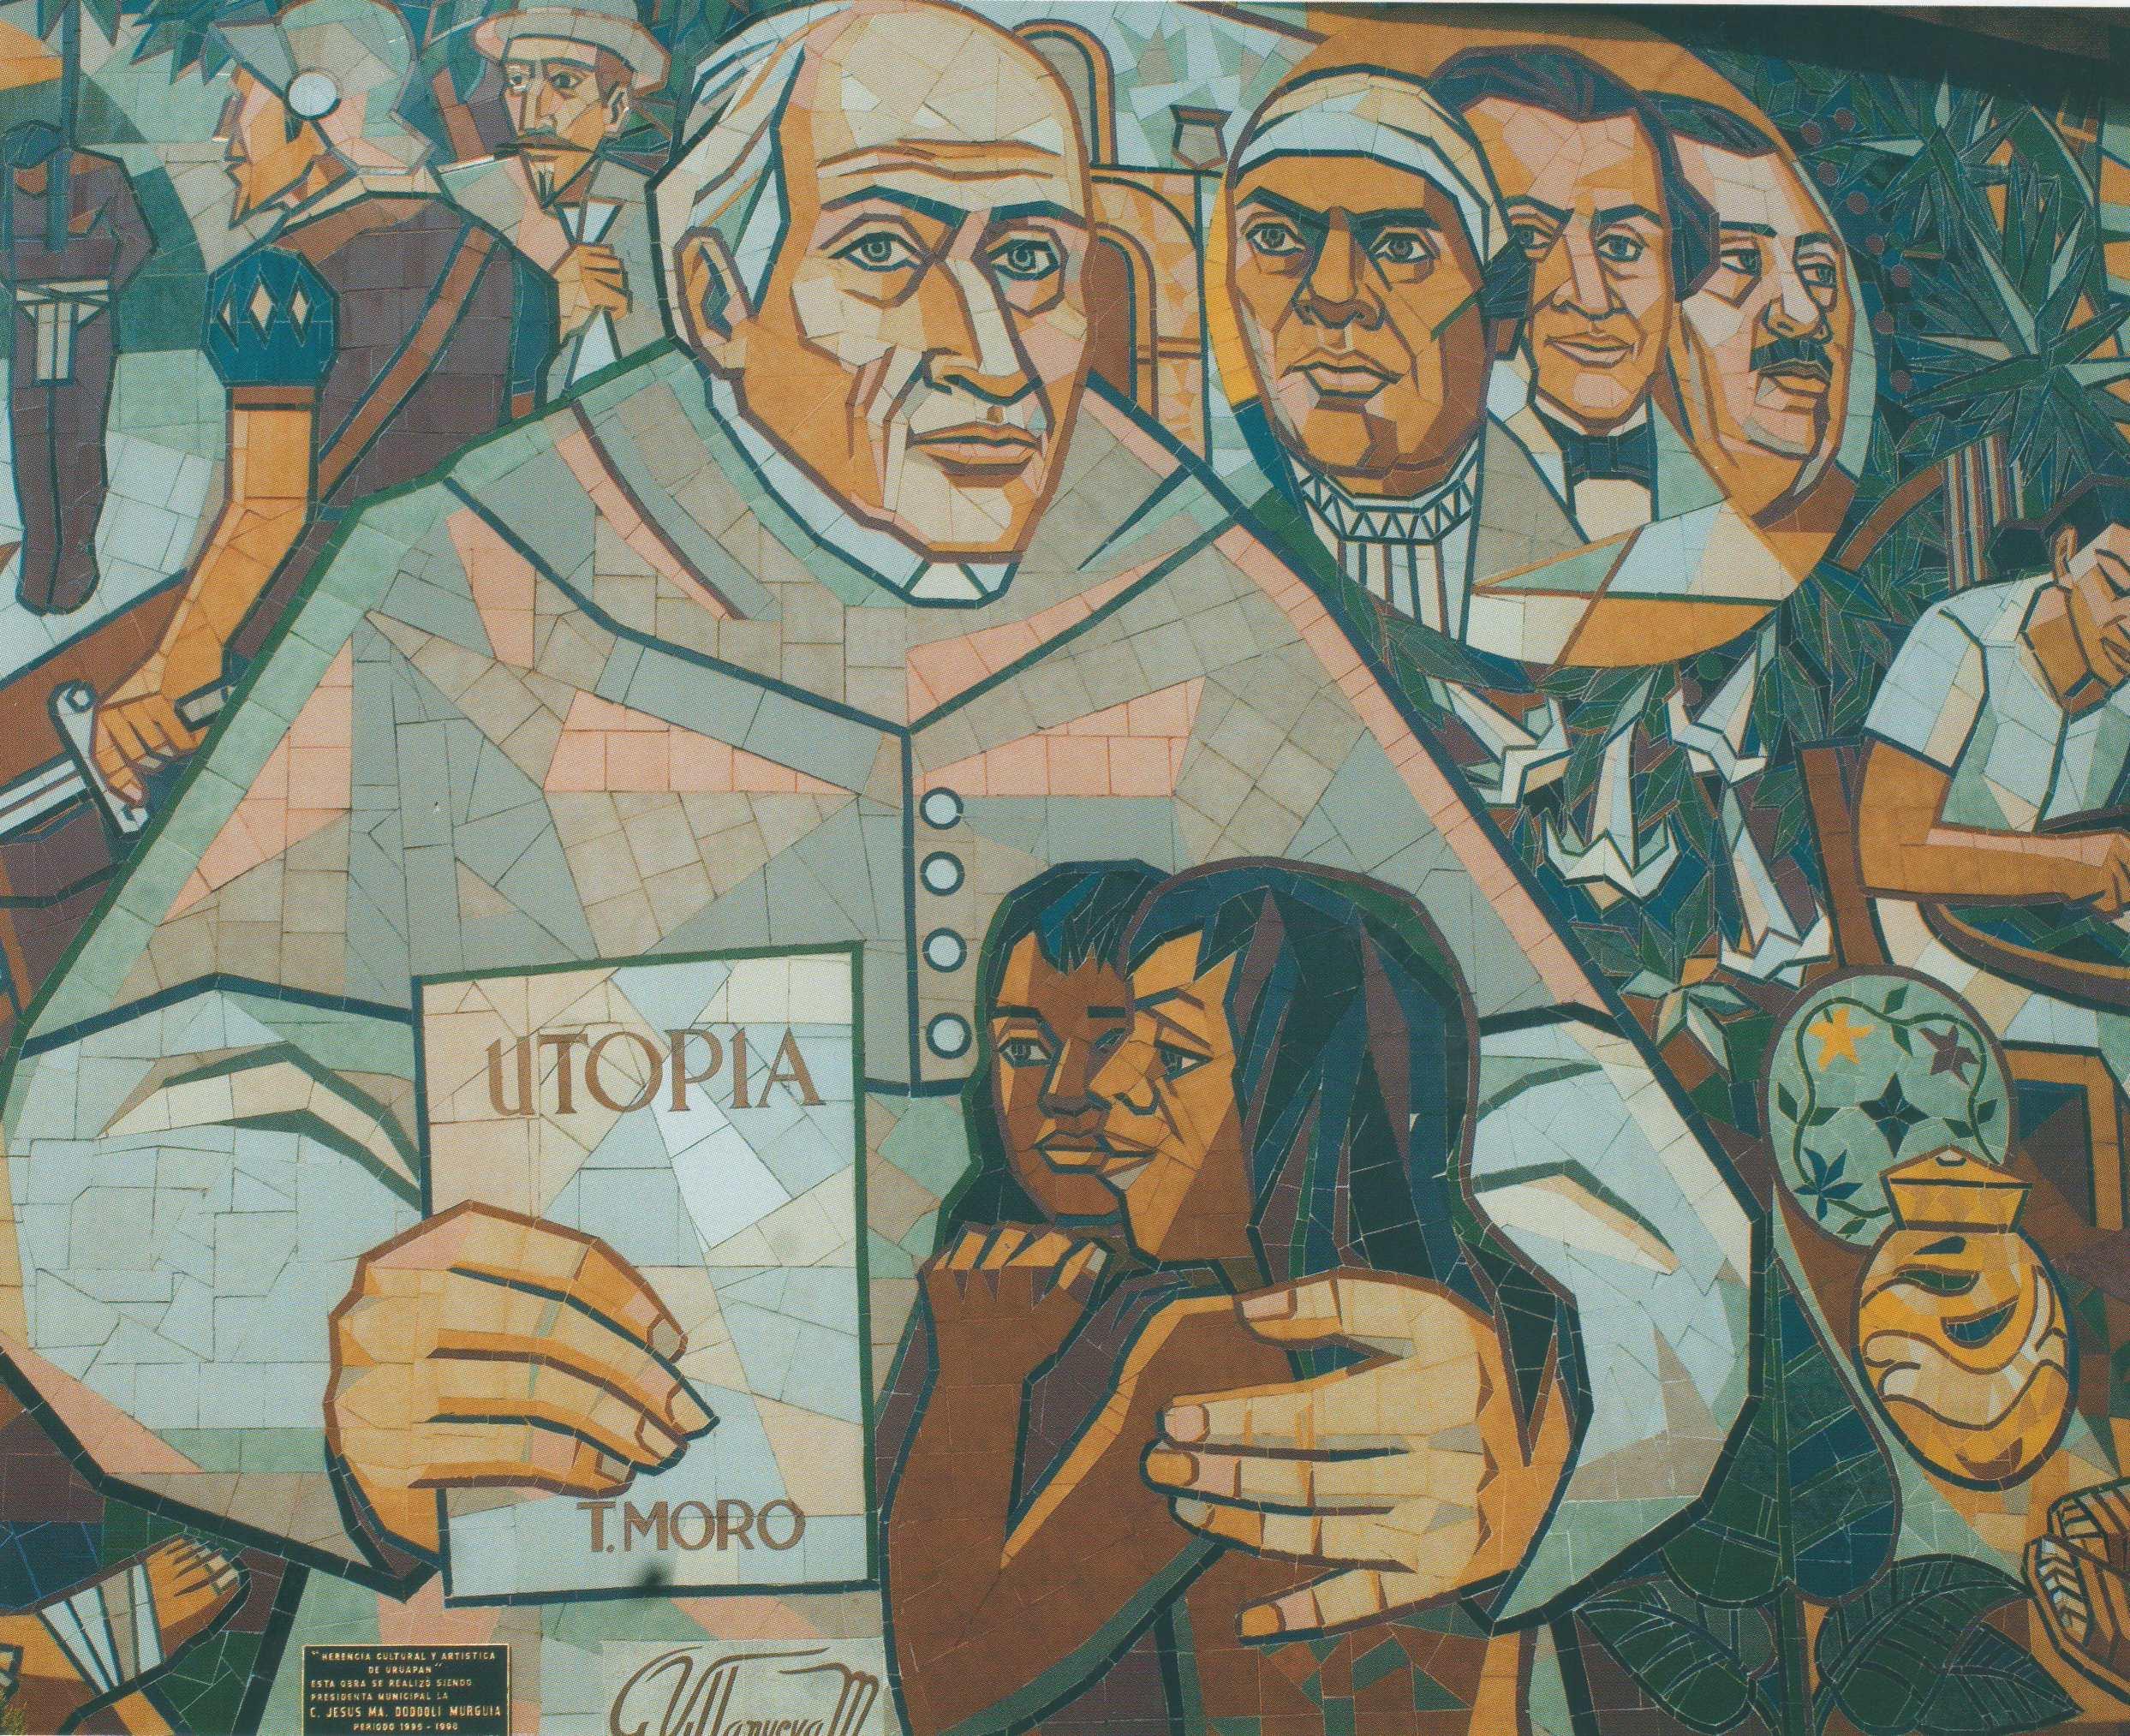 Vasco de Quiroga Utopia2